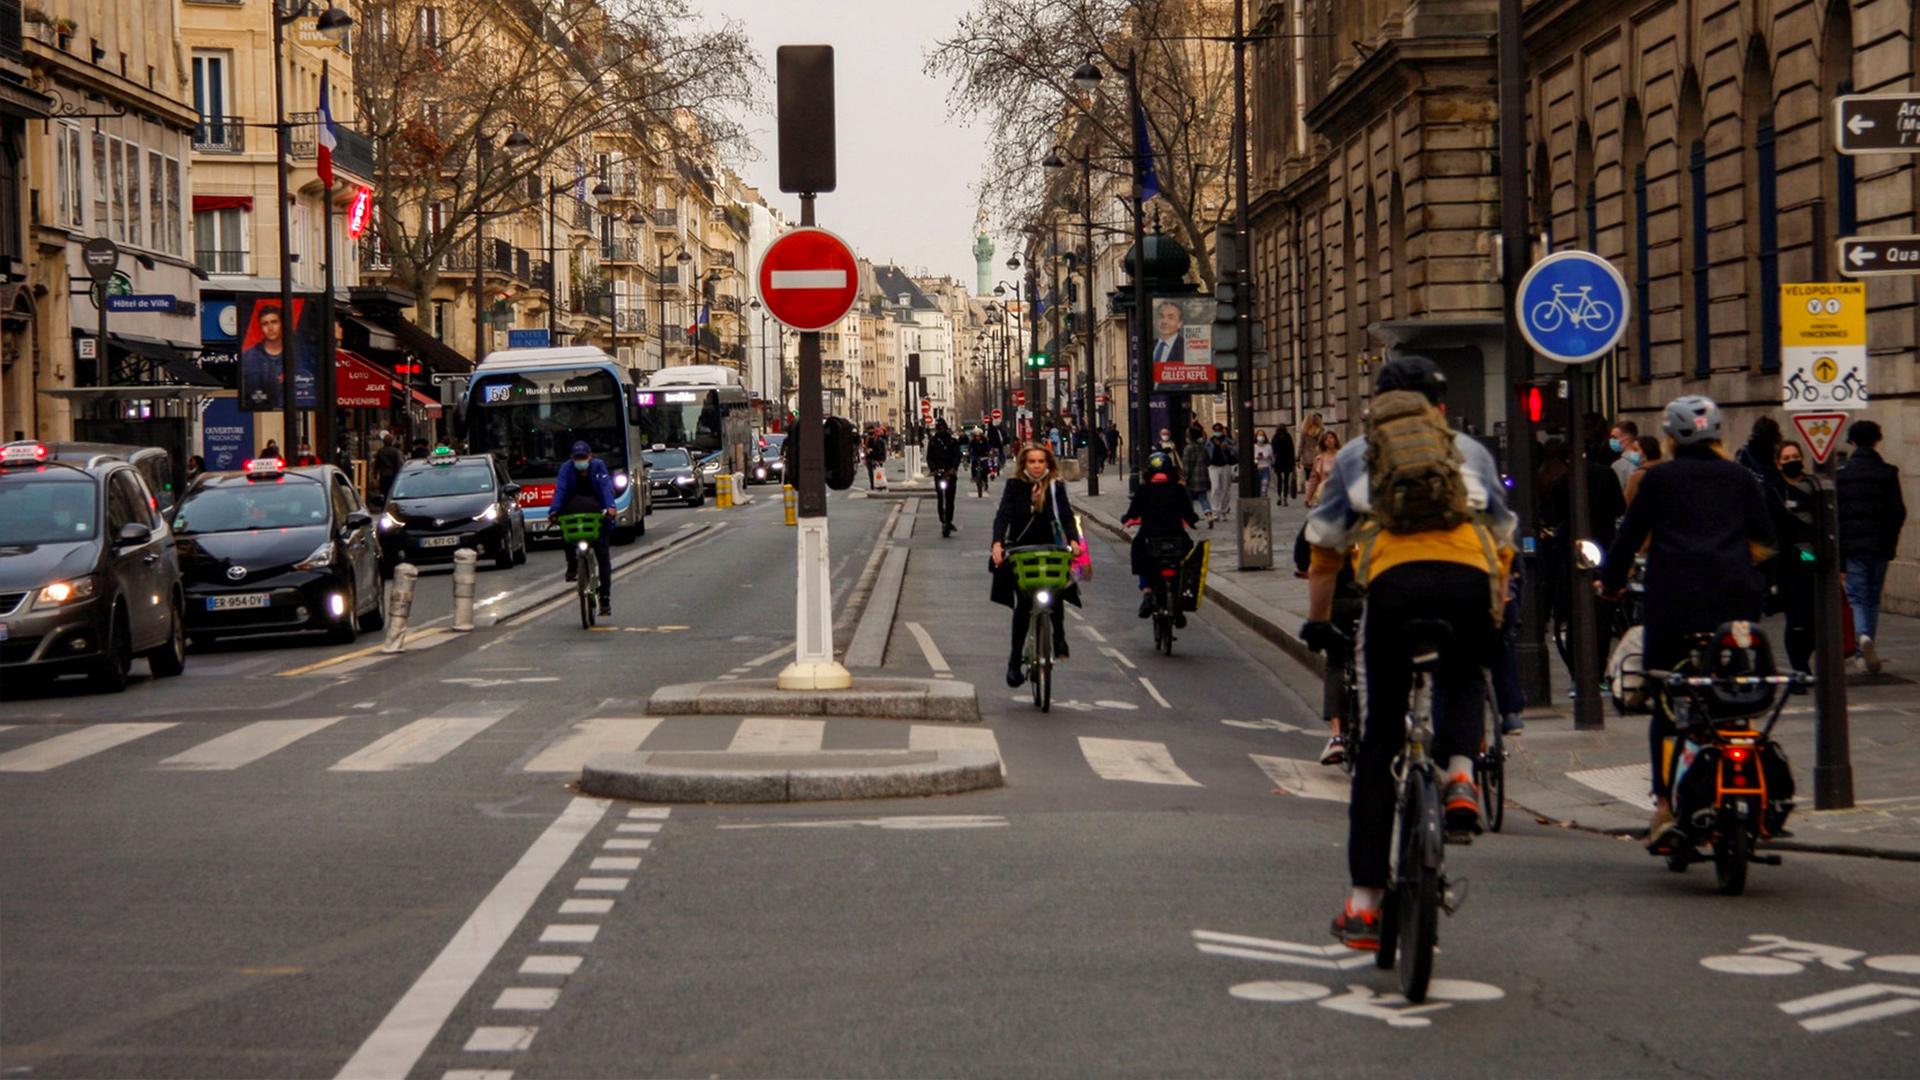 Perspective Daily – Paris' Utopie für die Zukunft: Die 15-Minuten-Stadt – 12 April 2021